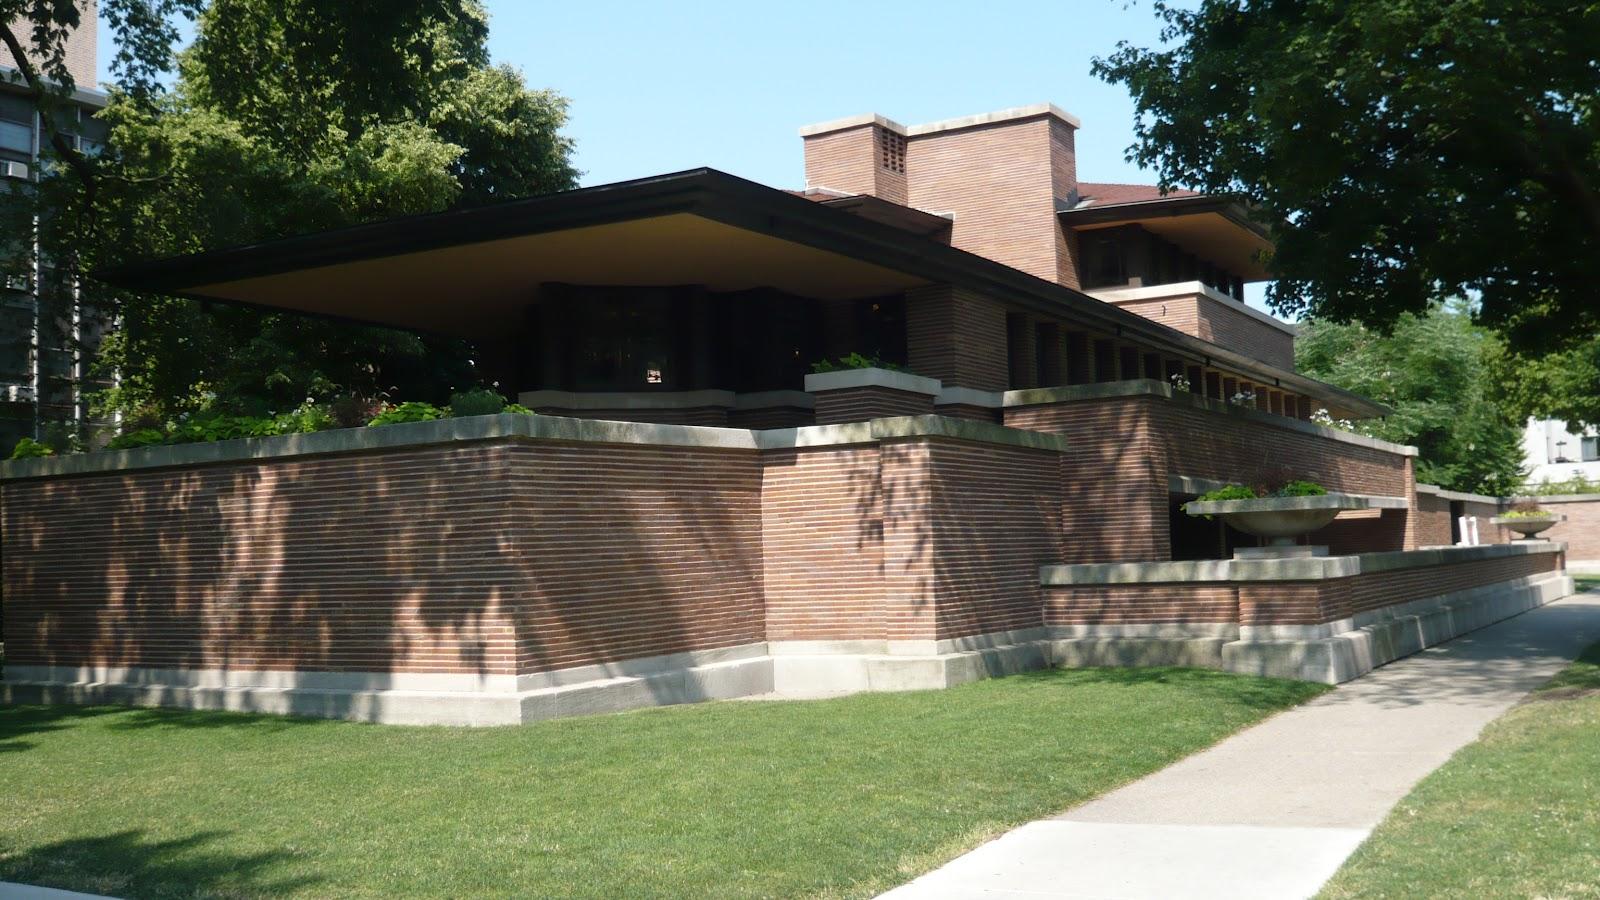 La villa la plus caractéristique de ce style est la robbie house dans la banlieue sud de chicago